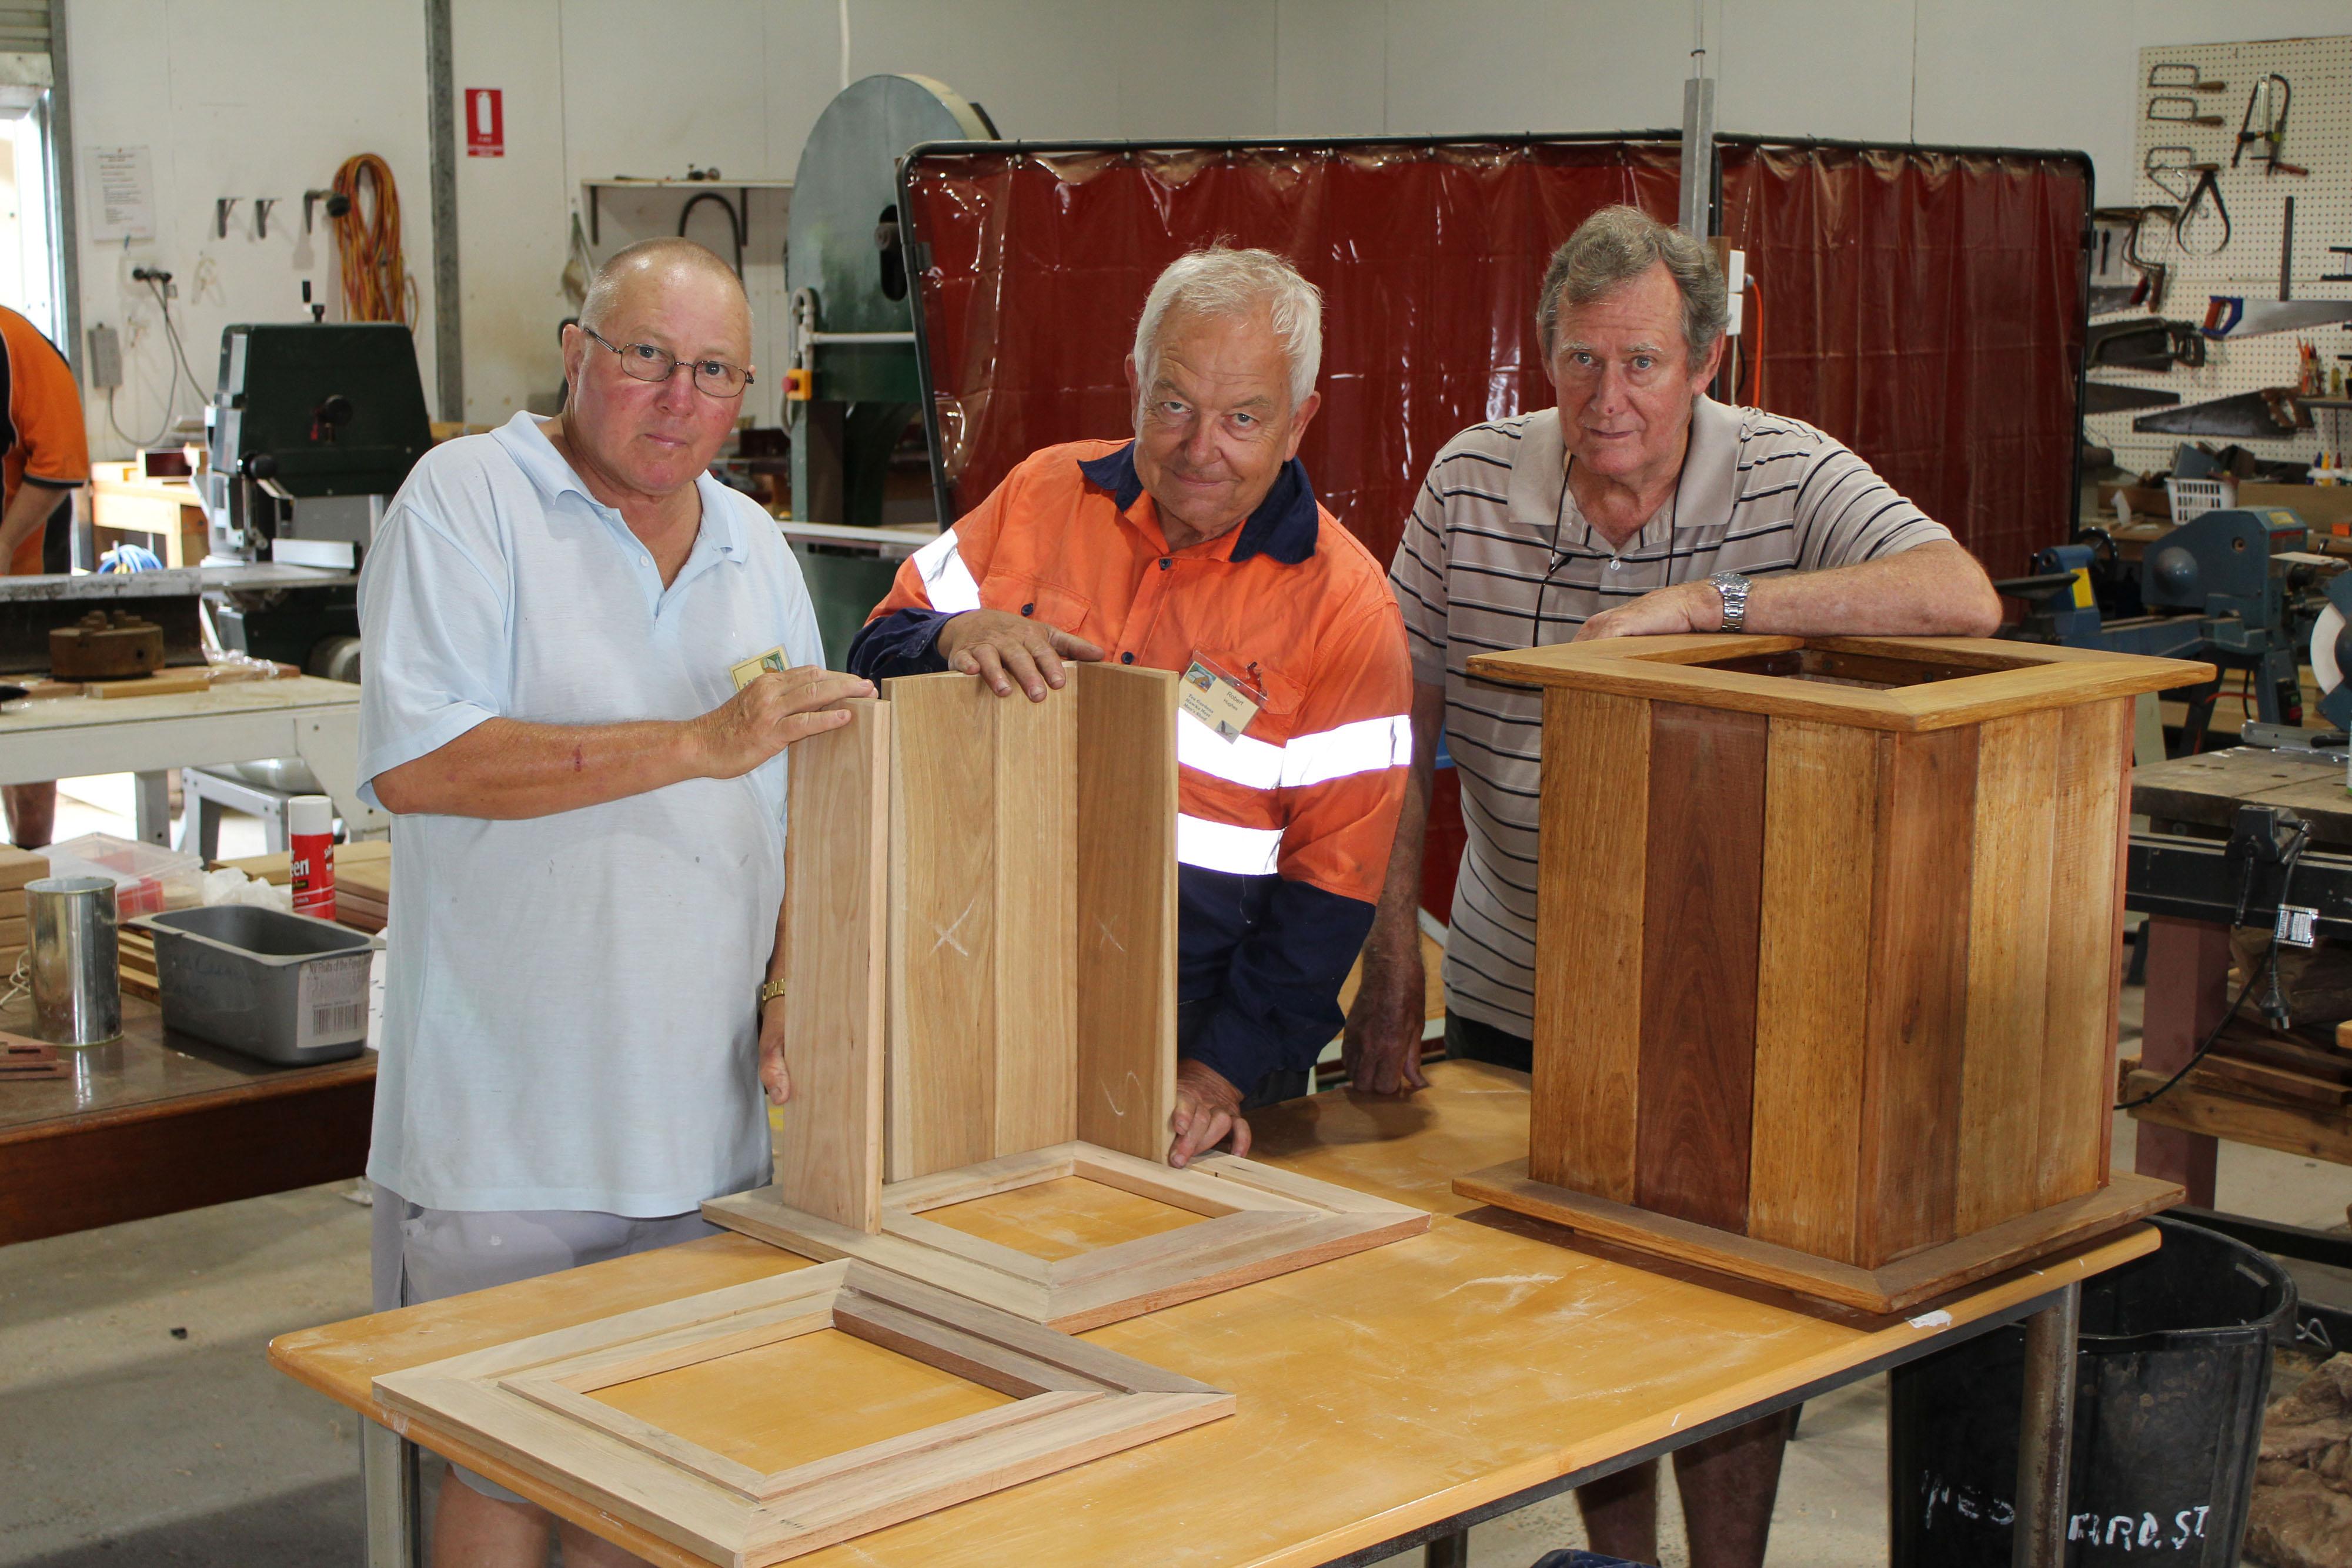 E Left to right John Sells, Rob Hughes, Noel Pitfield